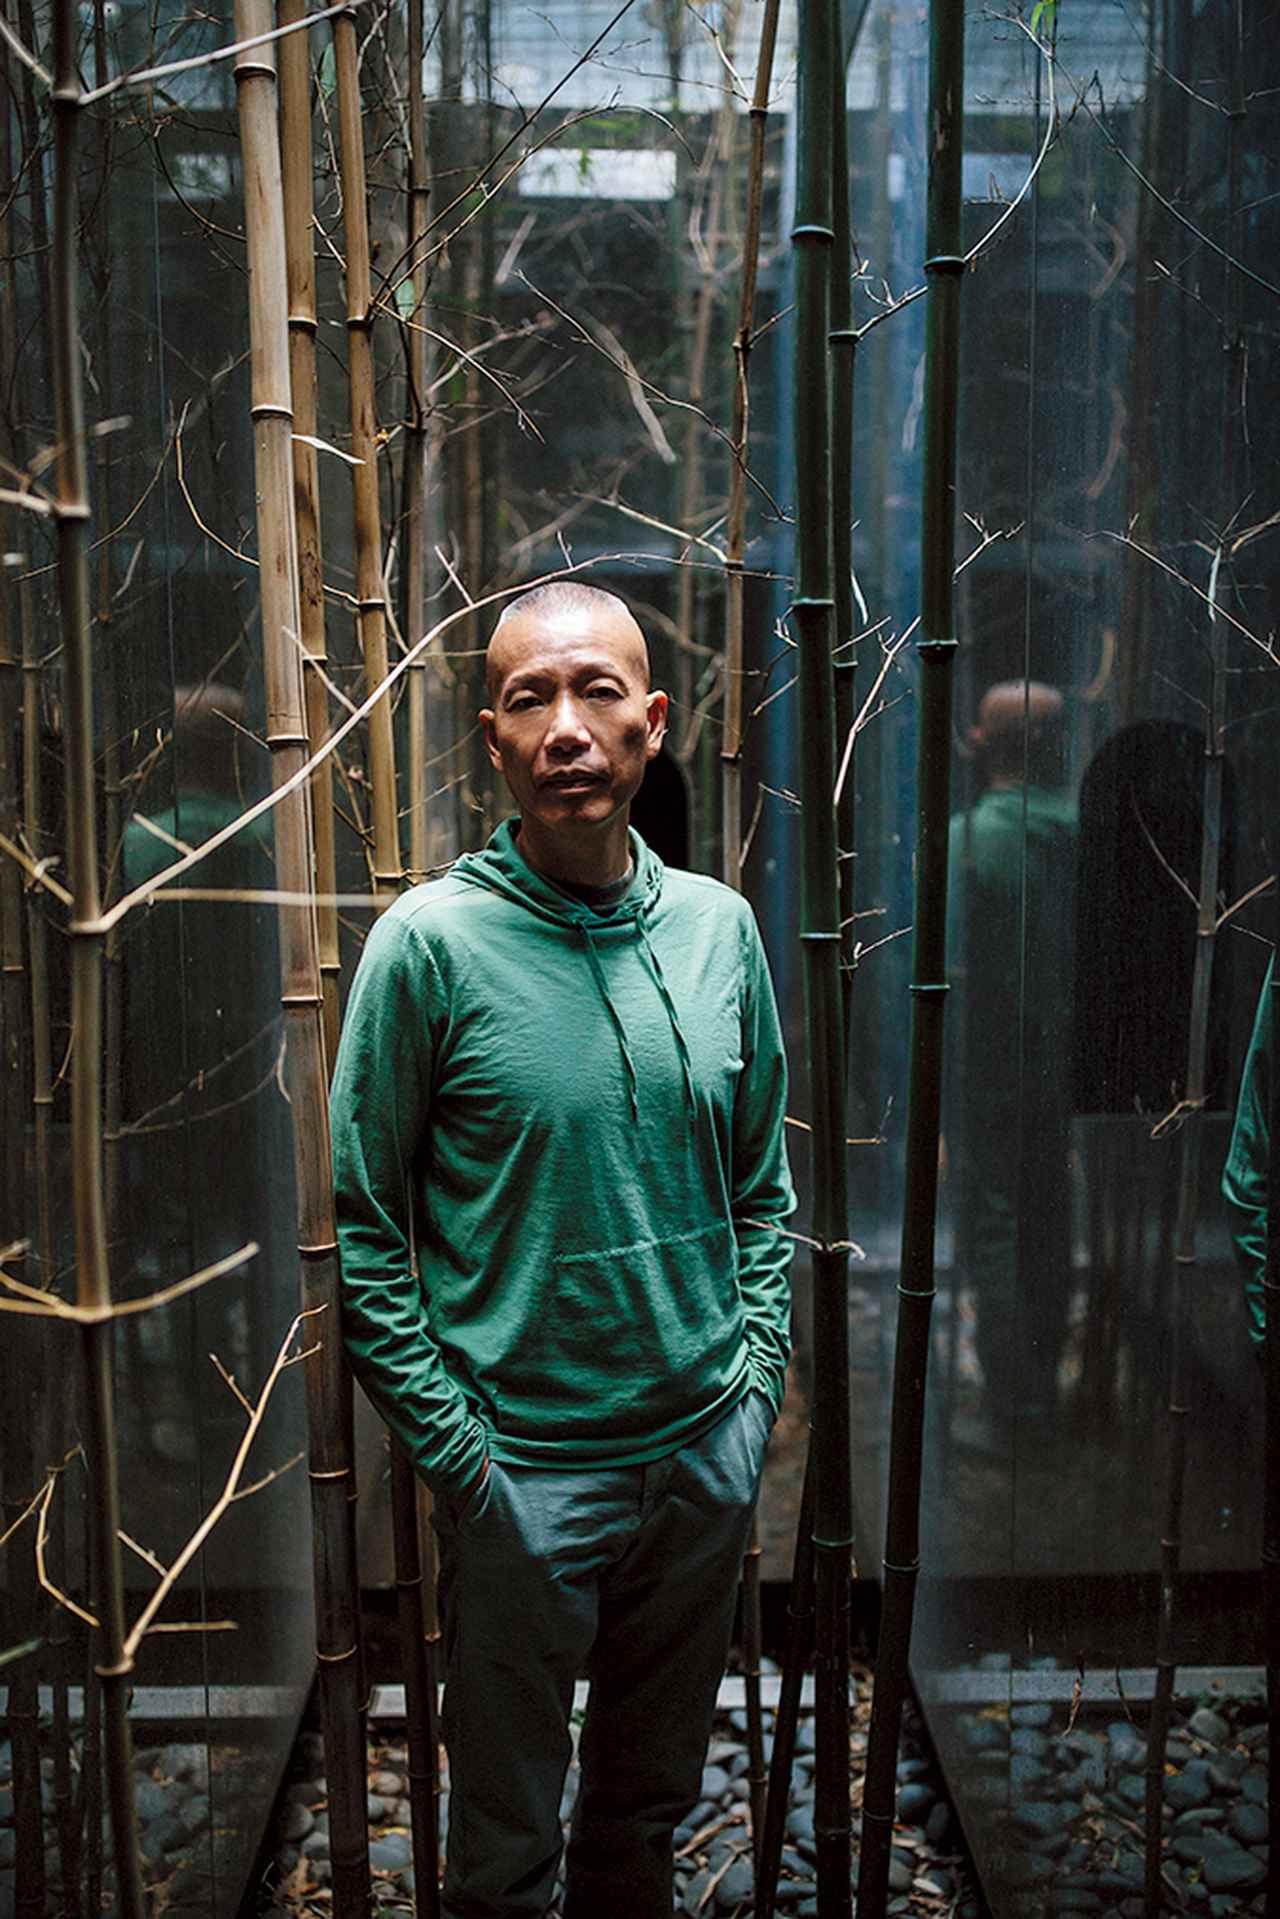 Images : 2番目の画像 - 「アーティストには 茶室が必要である」のアルバム - T JAPAN:The New York Times Style Magazine 公式サイト